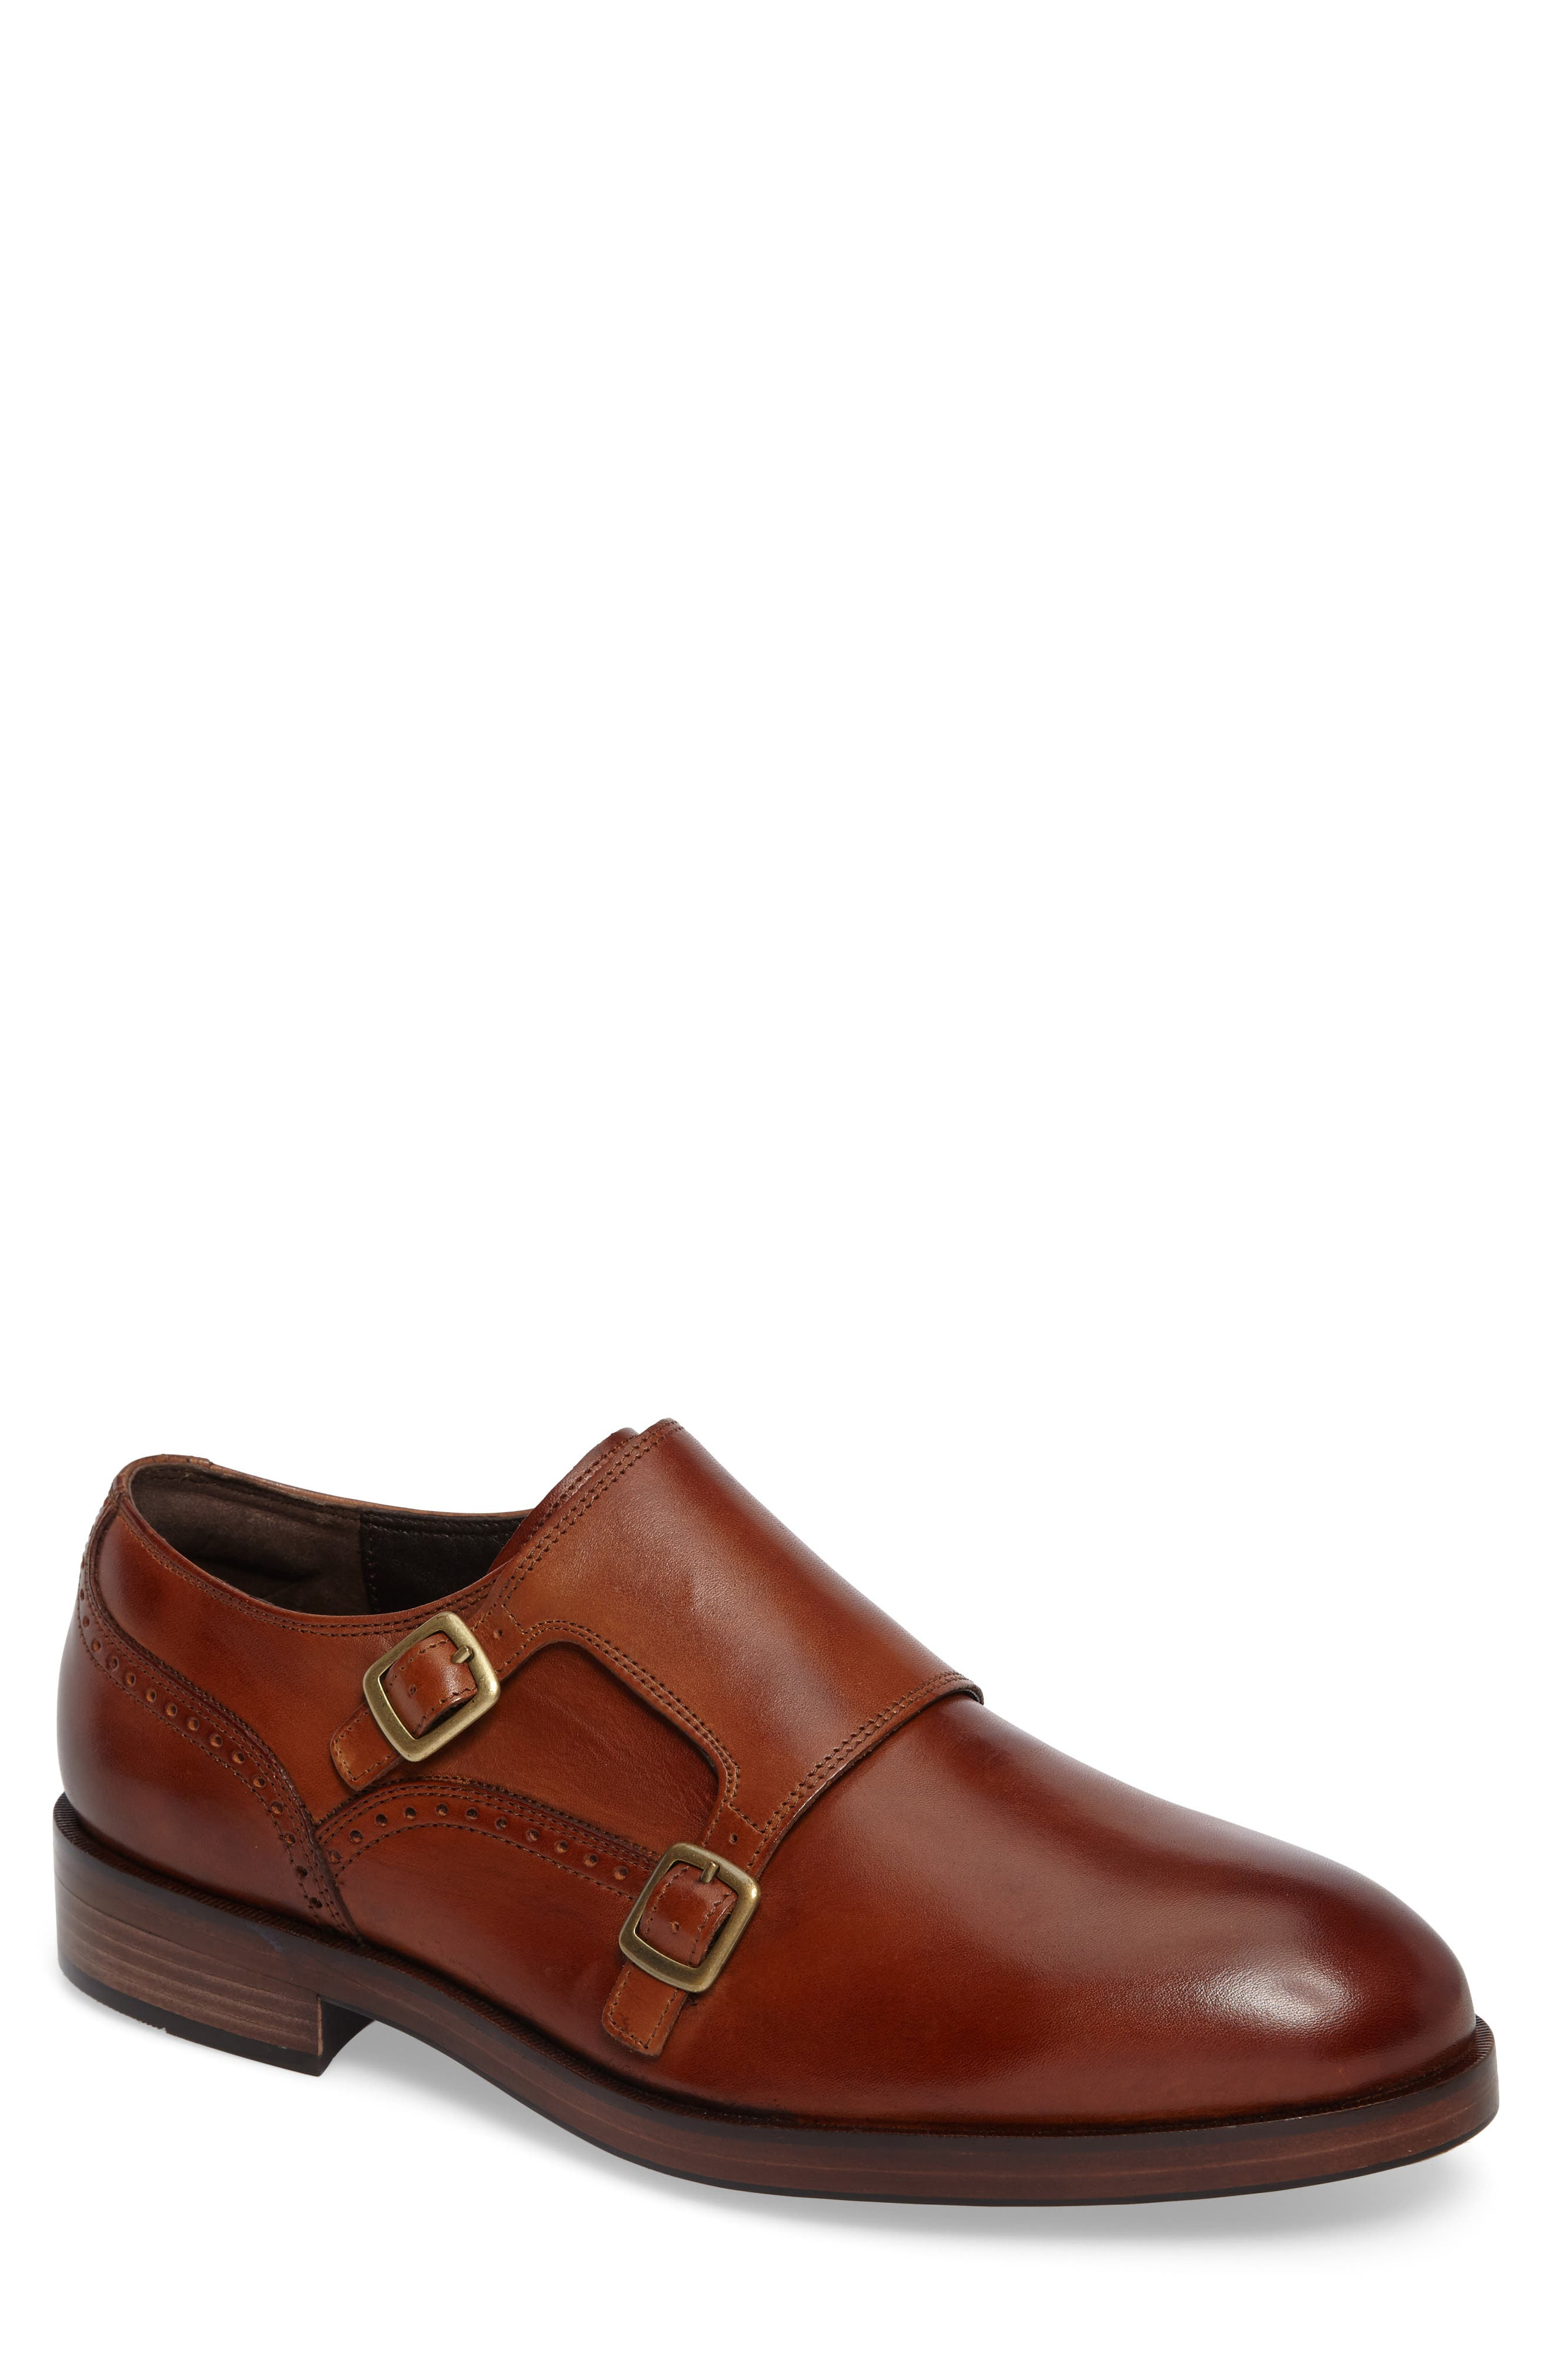 'Harrison' Double Monk Strap Shoe,                         Main,                         color, BRITISH TAN LEATHER